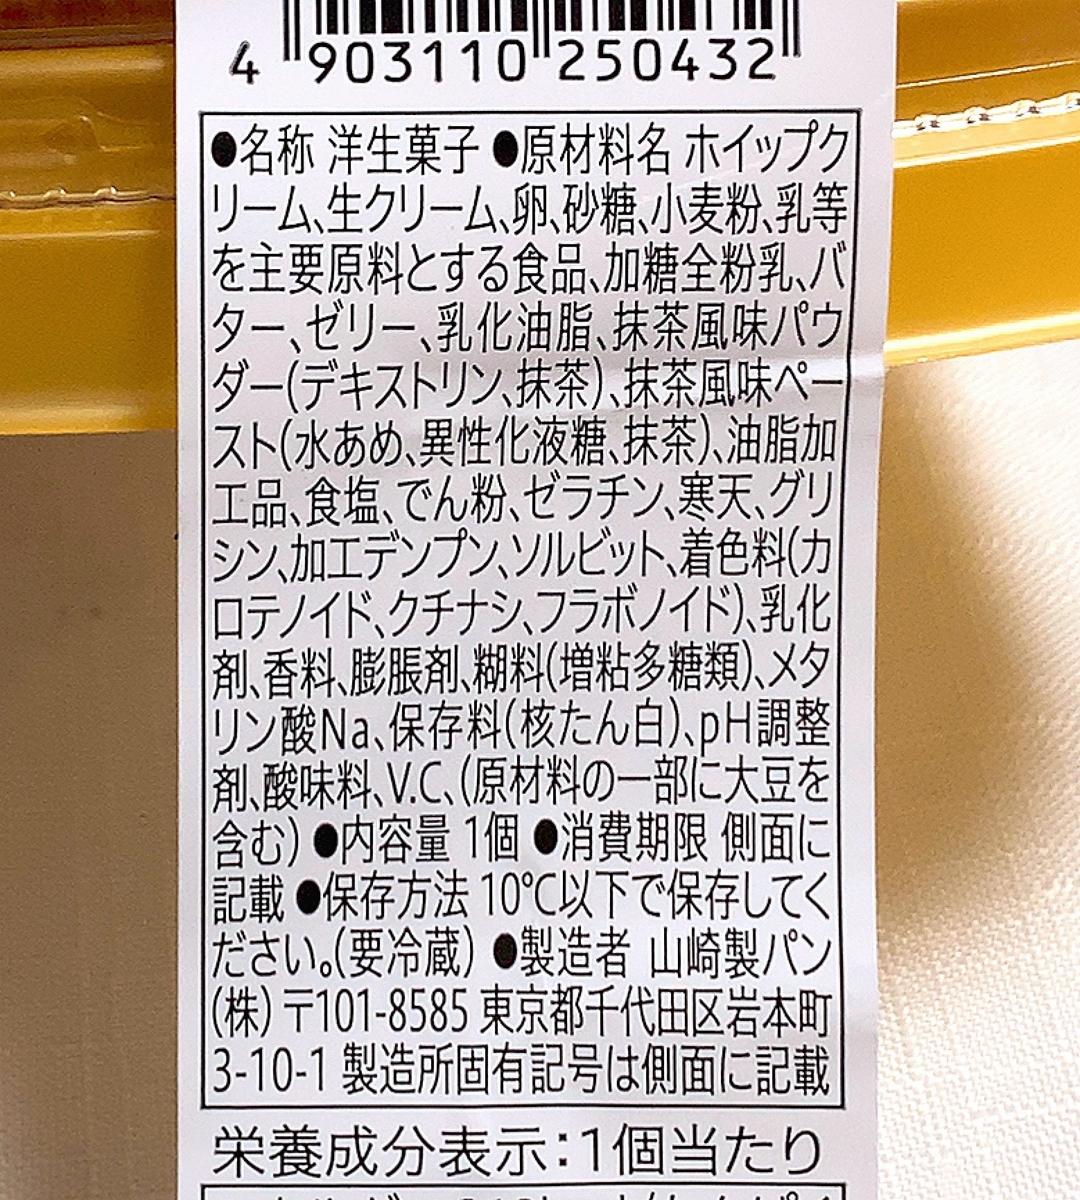 抹茶のミルクレープの原材料名